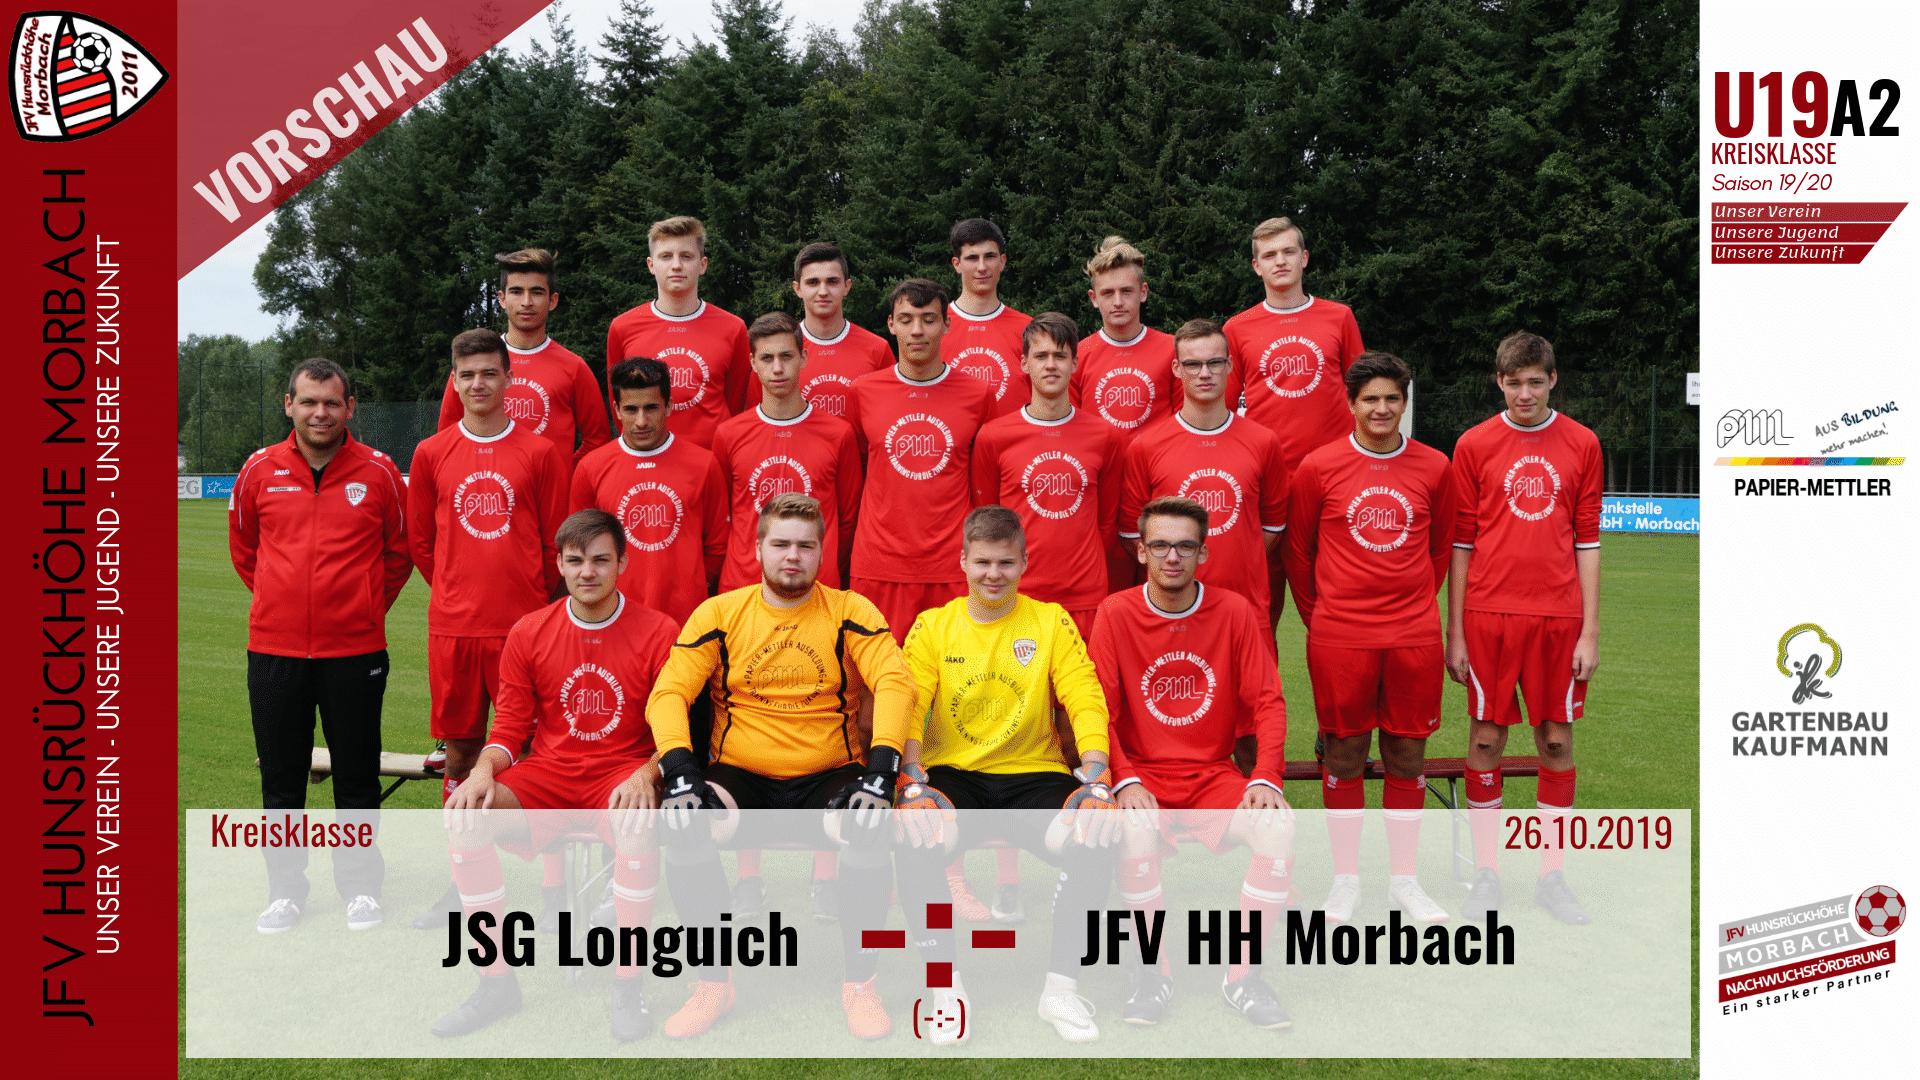 U19 A2: Vorbericht ~ JSG Longuich – JFV Hunsrückhöhe Morbach ~ Sa., 26.10.19 17:00 Uhr